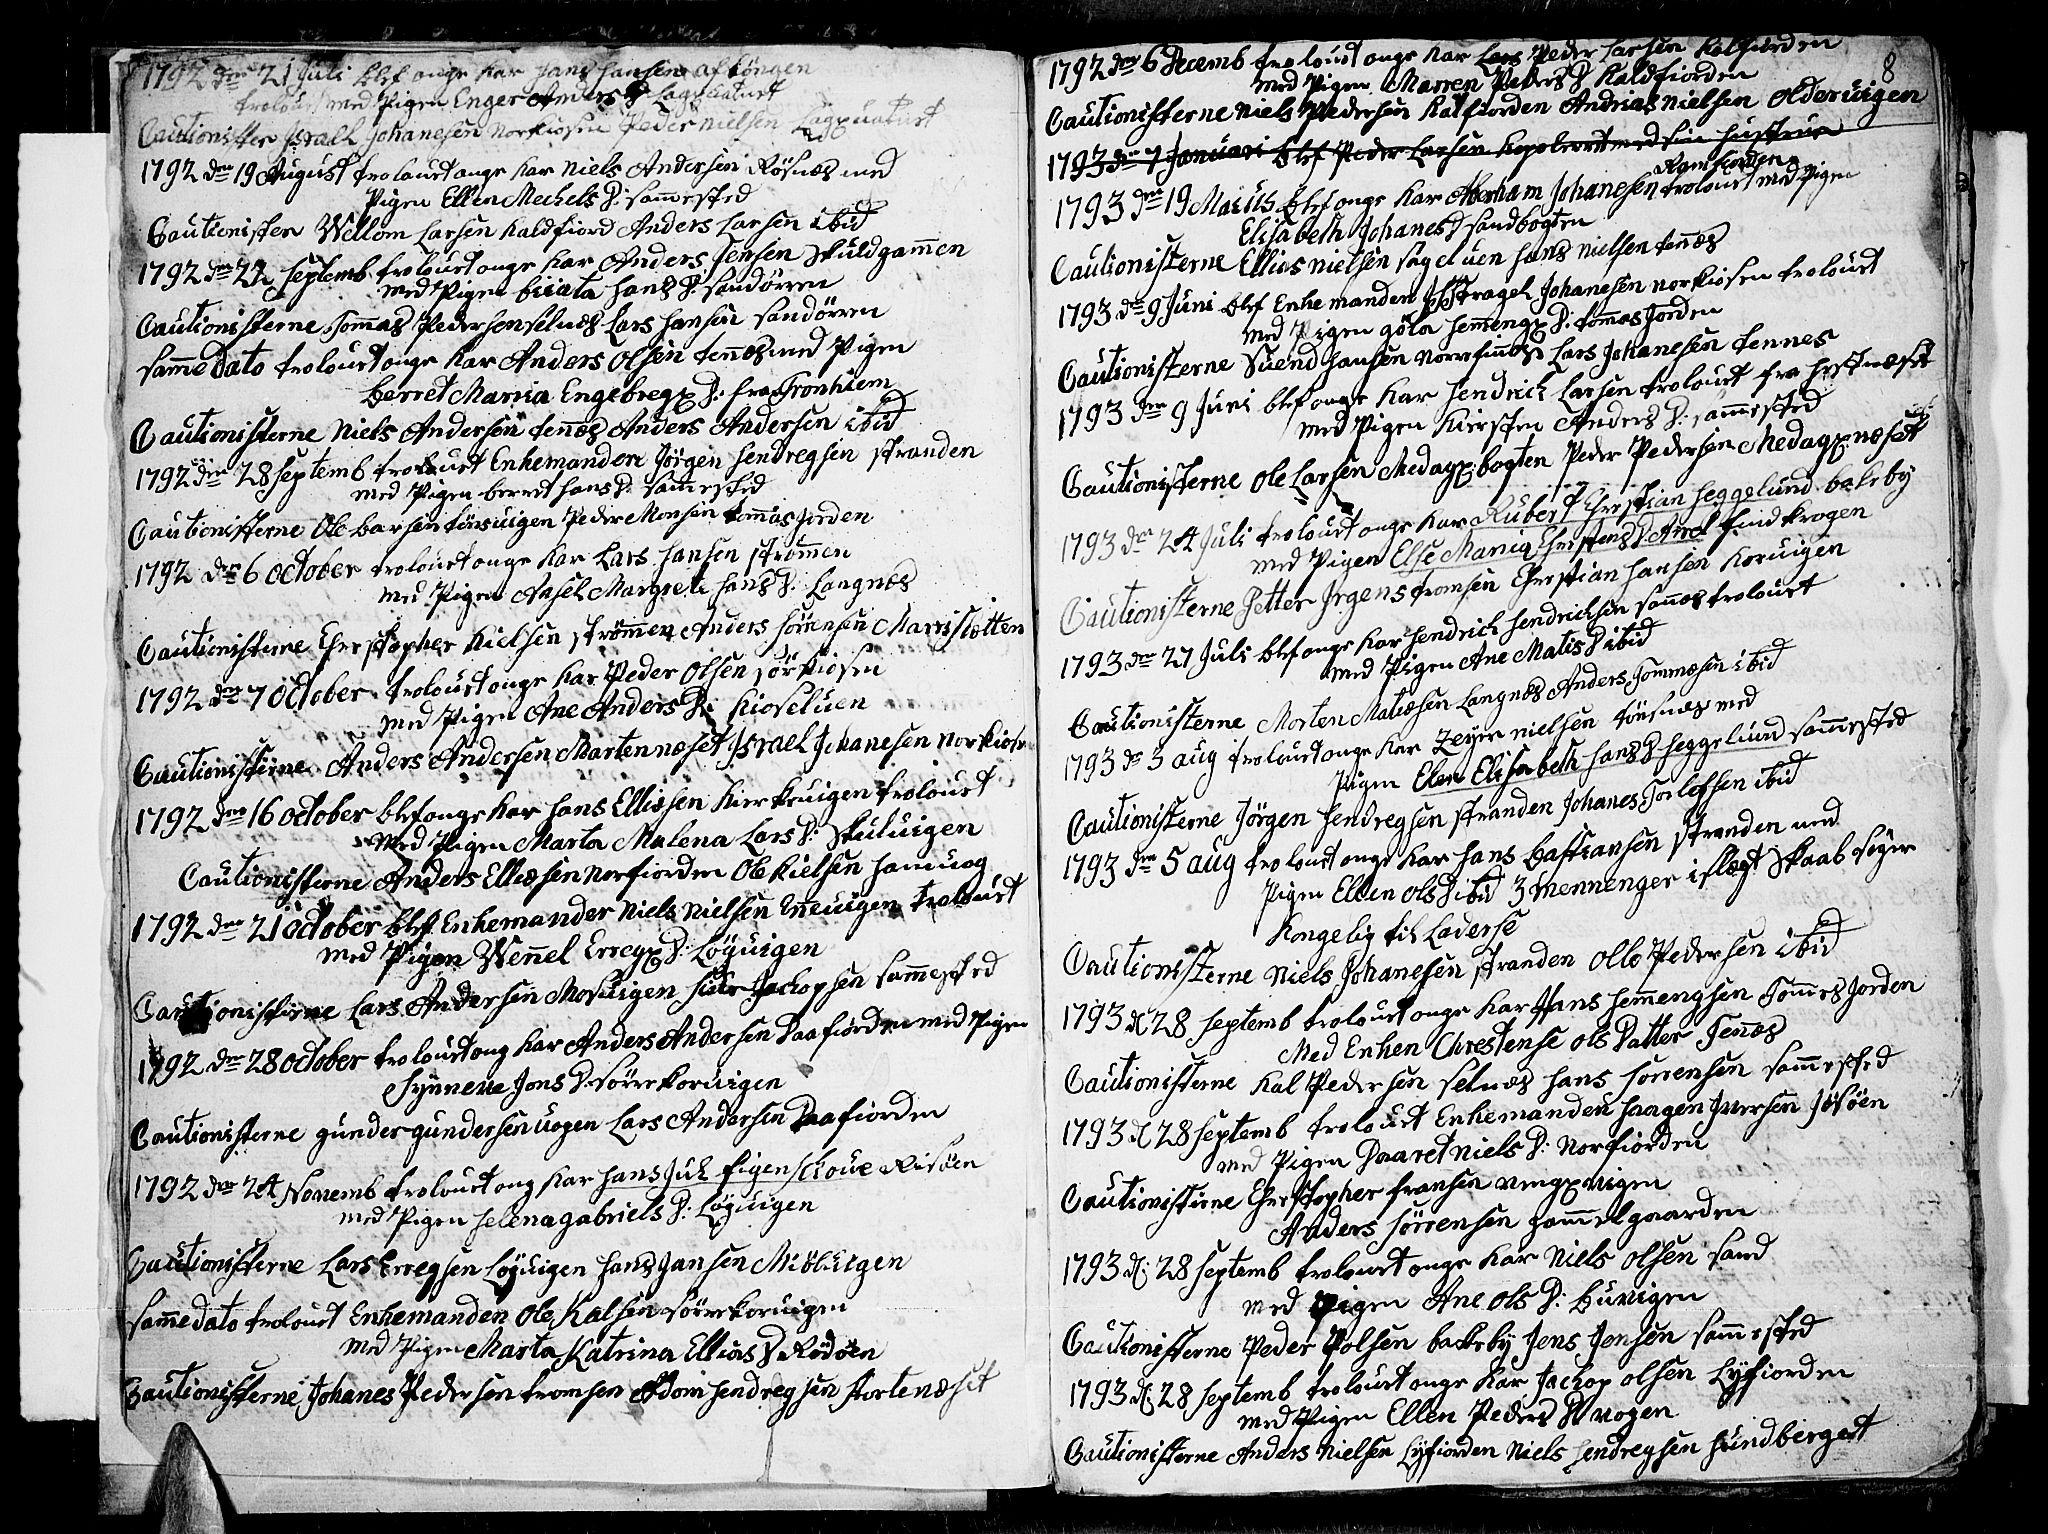 SATØ, Tromsø sokneprestkontor/stiftsprosti/domprosti, G/Ga/L0004kirke: Ministerialbok nr. 4, 1787-1795, s. 8